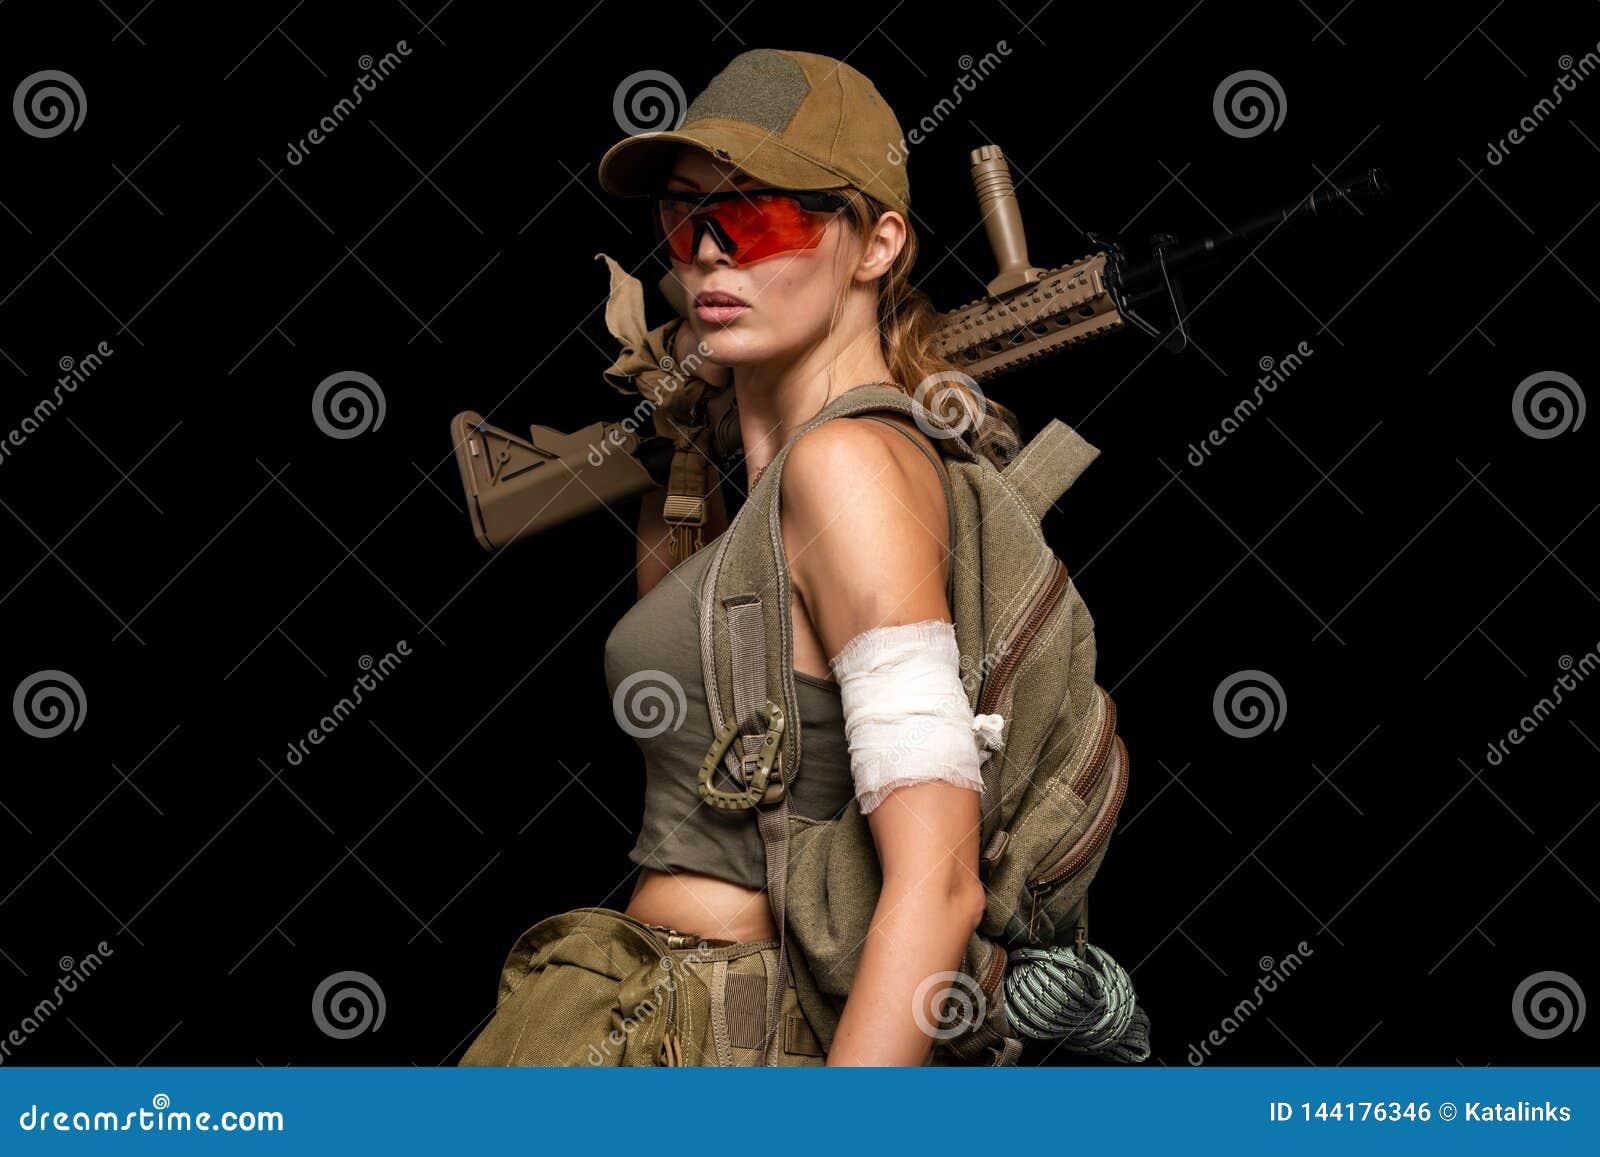 Военная девушка с автоматом День обречений